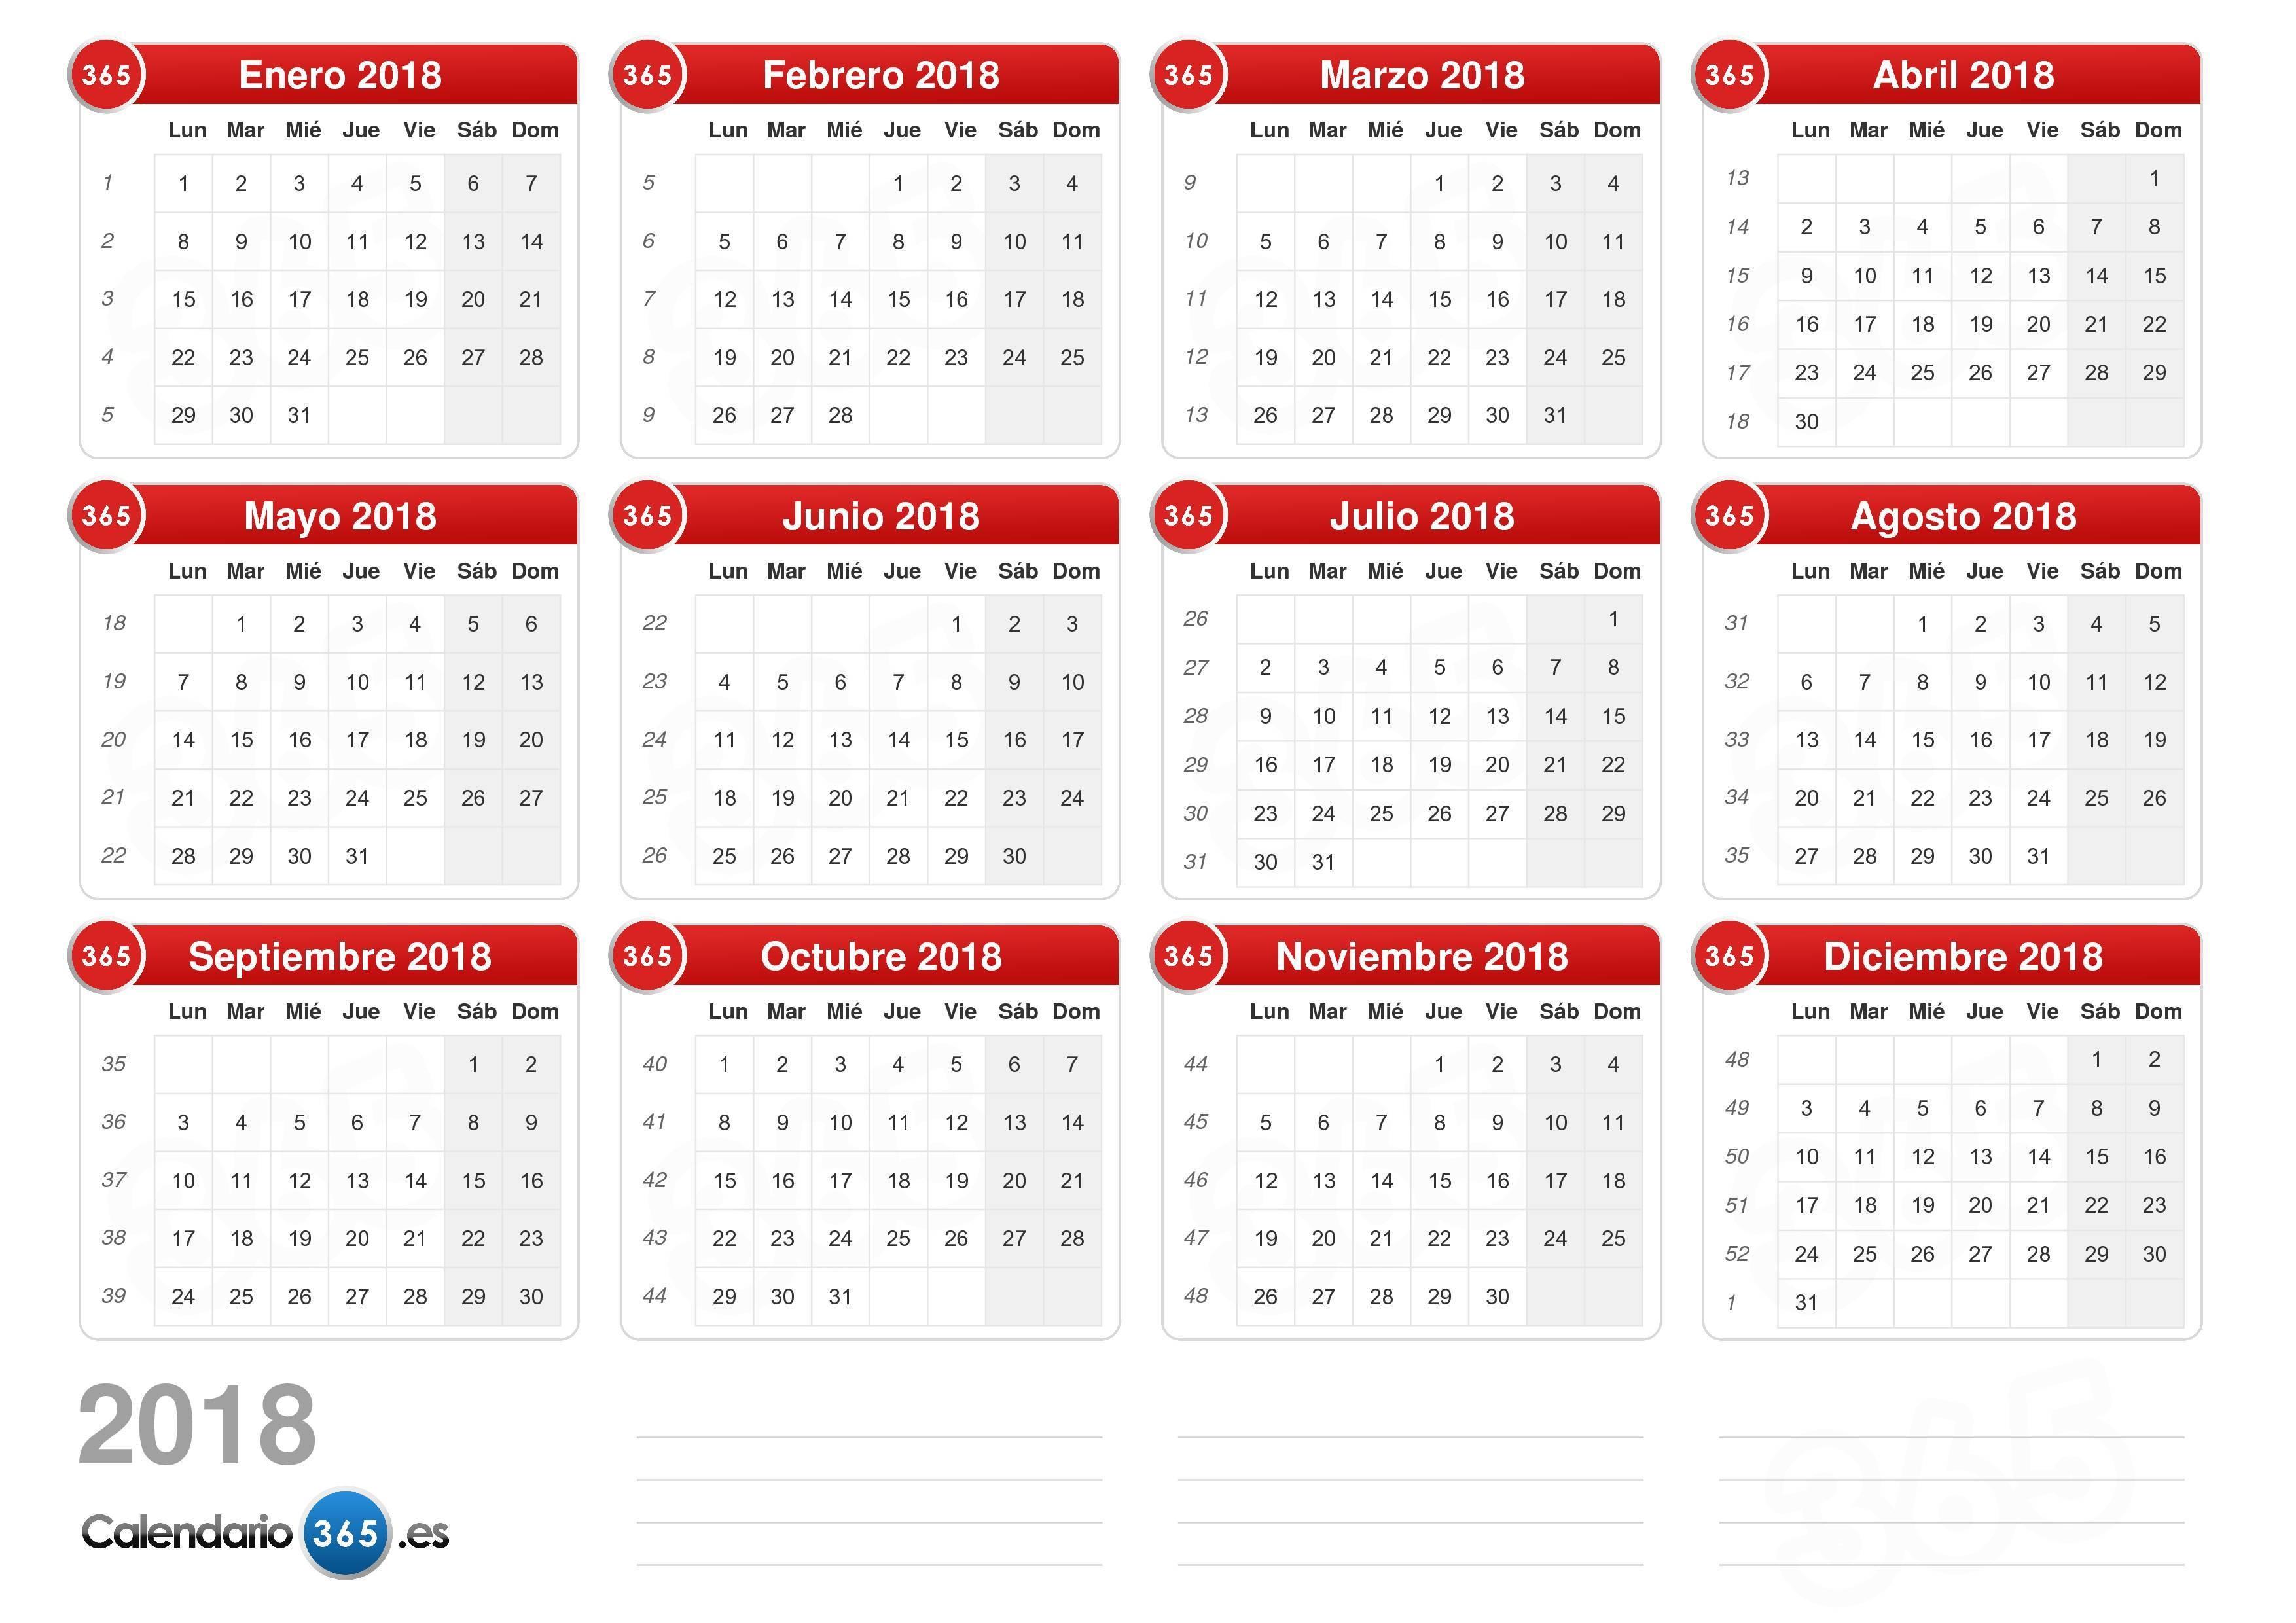 Imprimir Calendario 2019 Uruguay Más Arriba-a-fecha Almanaque Del 2018 Kordurorddiner Of Imprimir Calendario 2019 Uruguay Más Actual Carnaval De Santa Cruz De Tenerife – Carnaval De Santa Cruz De Tenerife